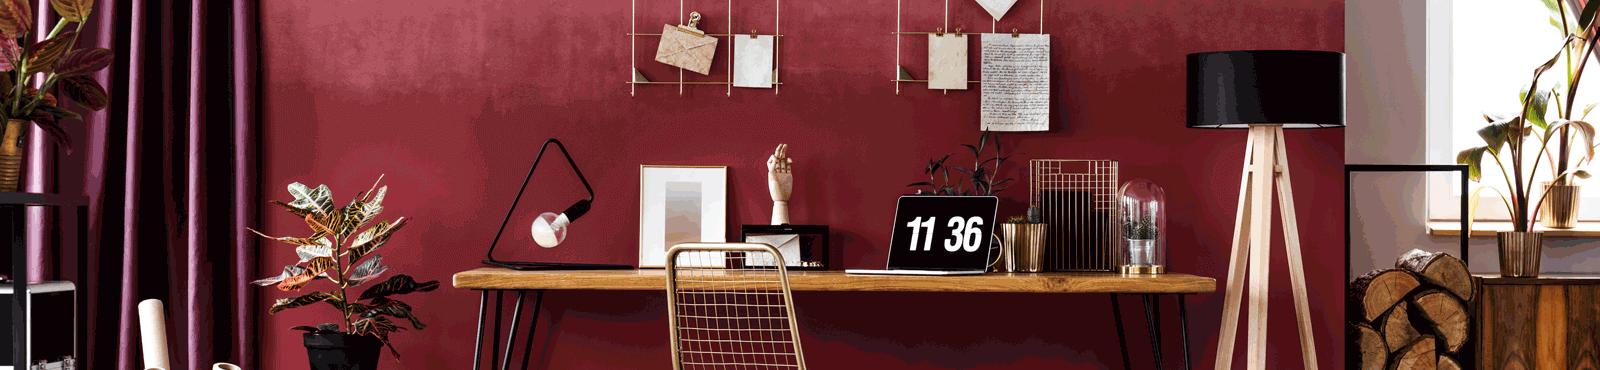 Homeoffice und Büro: Die perfekte Kombination?